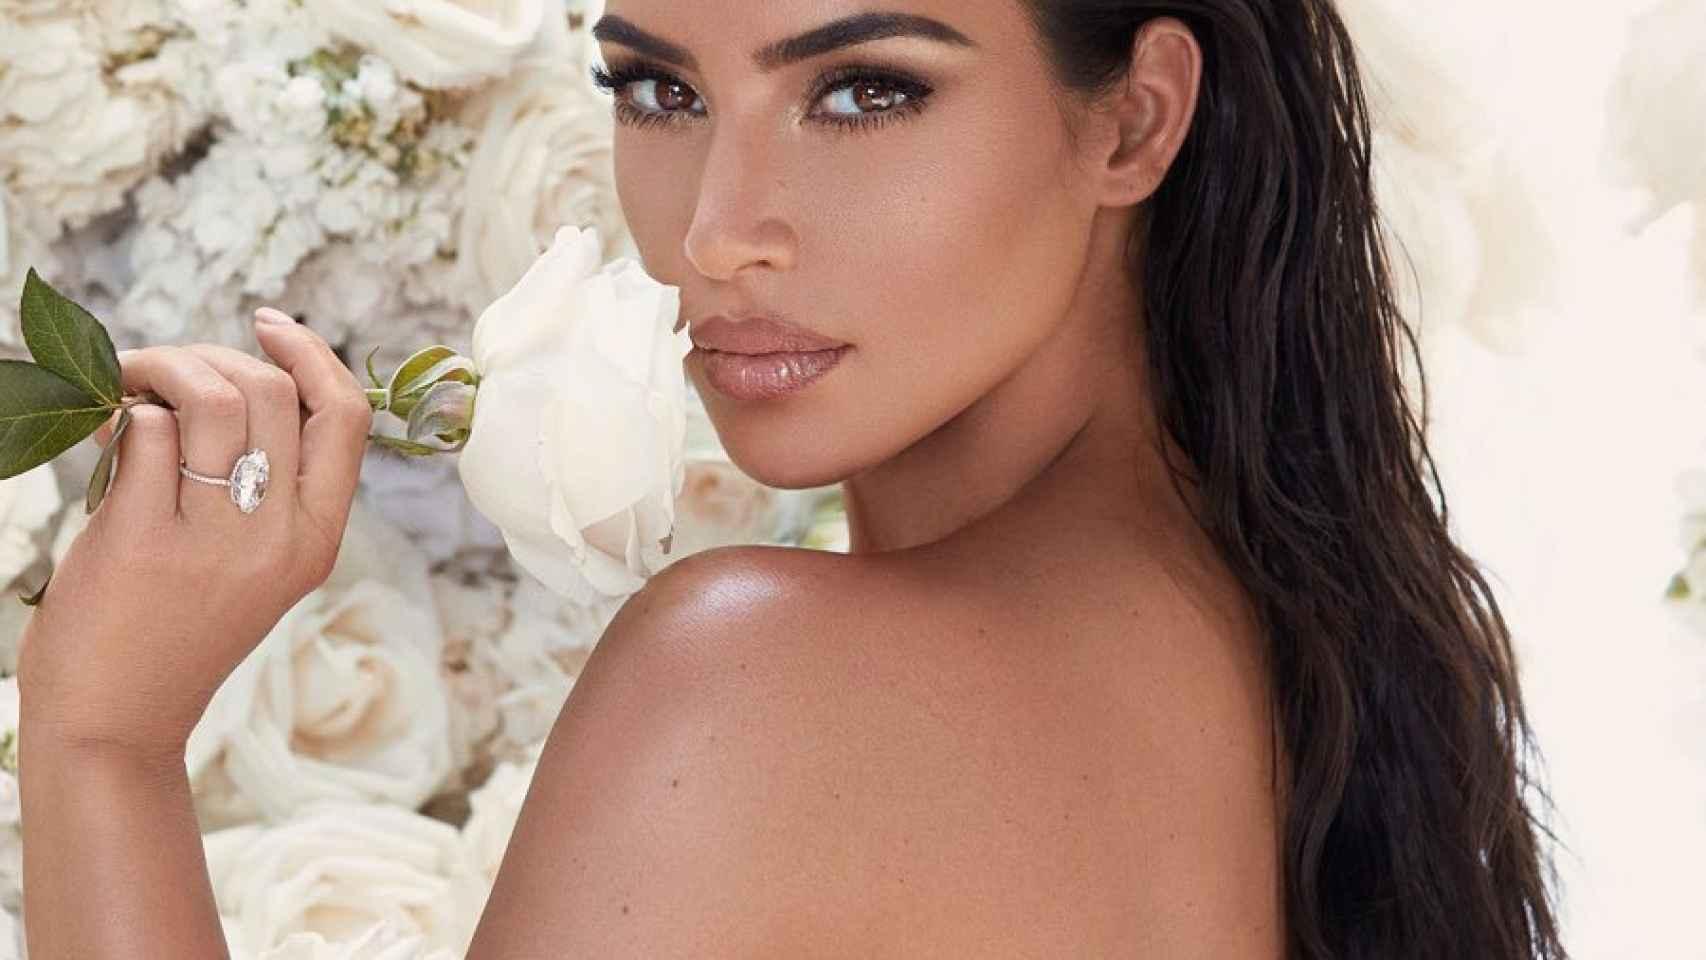 Kim Kardashian, en una imagen promocional de su marca.